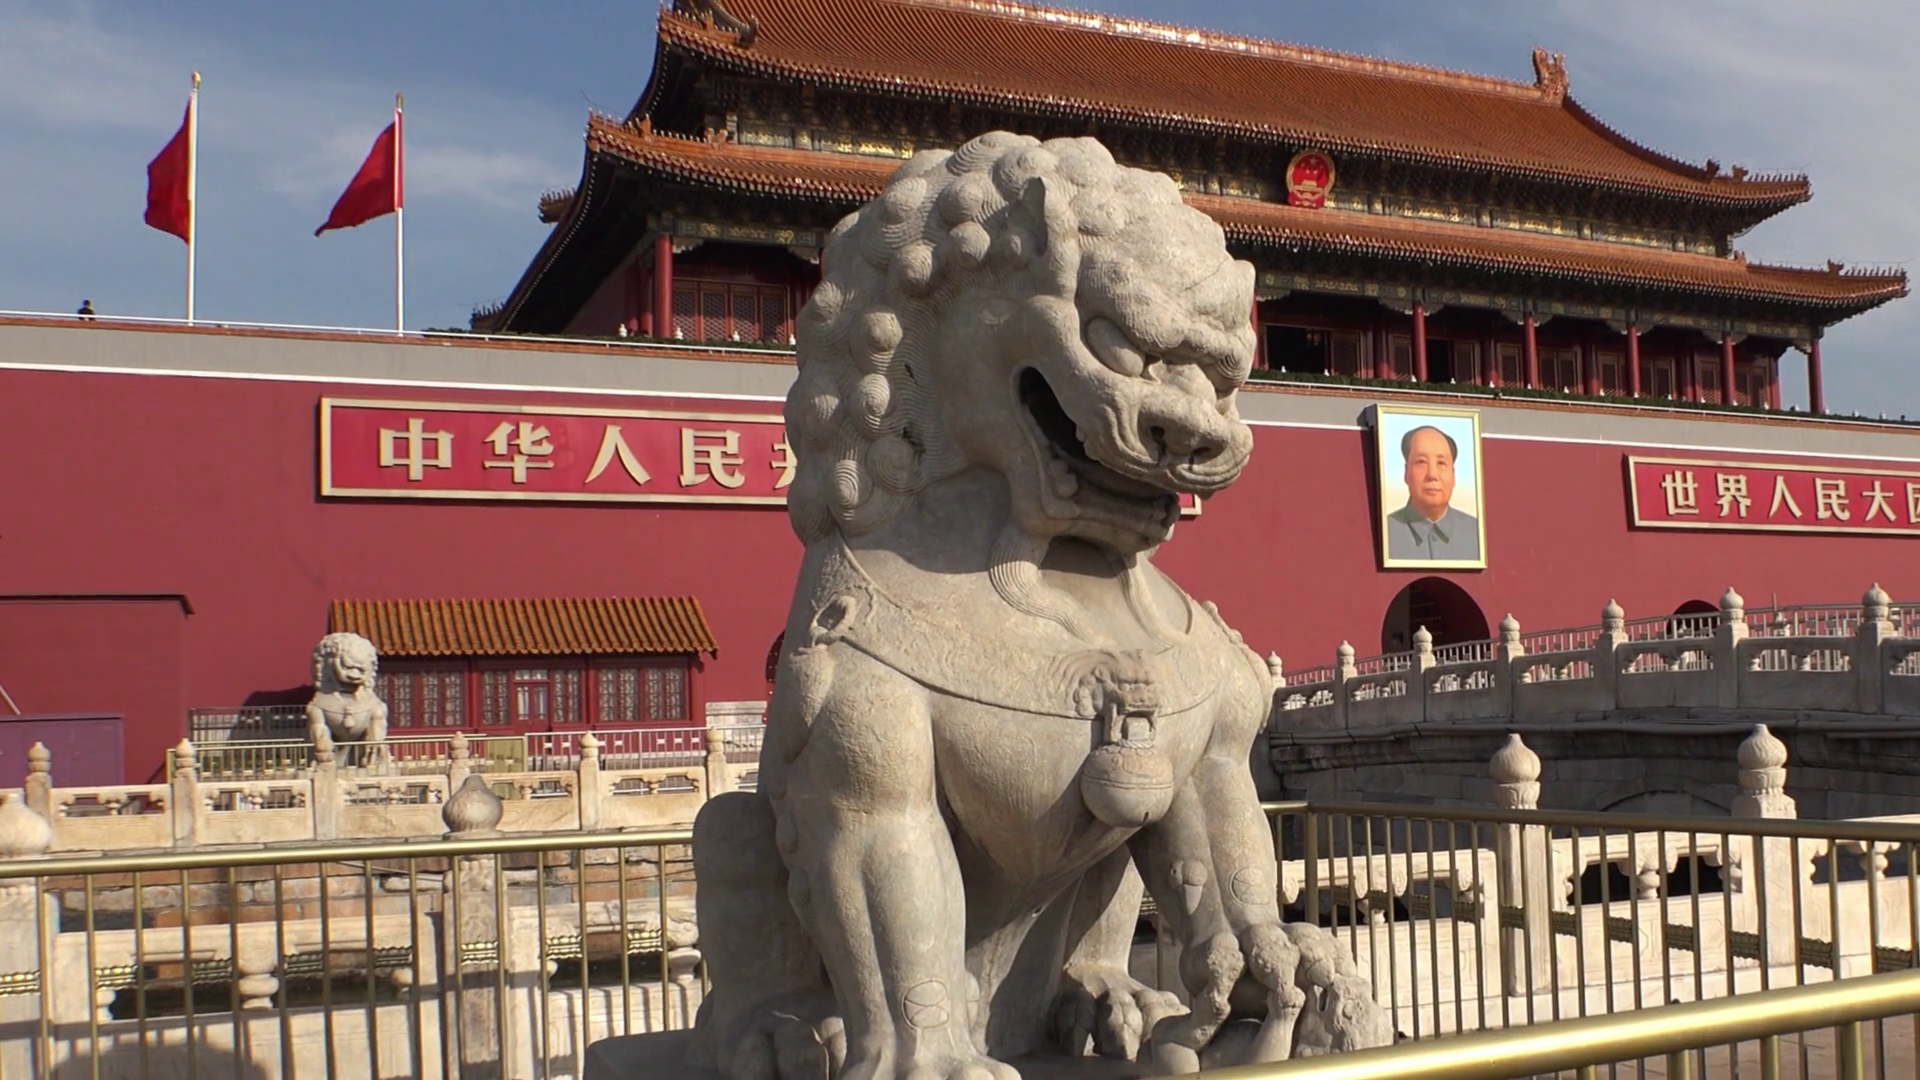 'Chinoiseries' – bản chất từ xưa đến nay của chính quyền Bắc Kinh